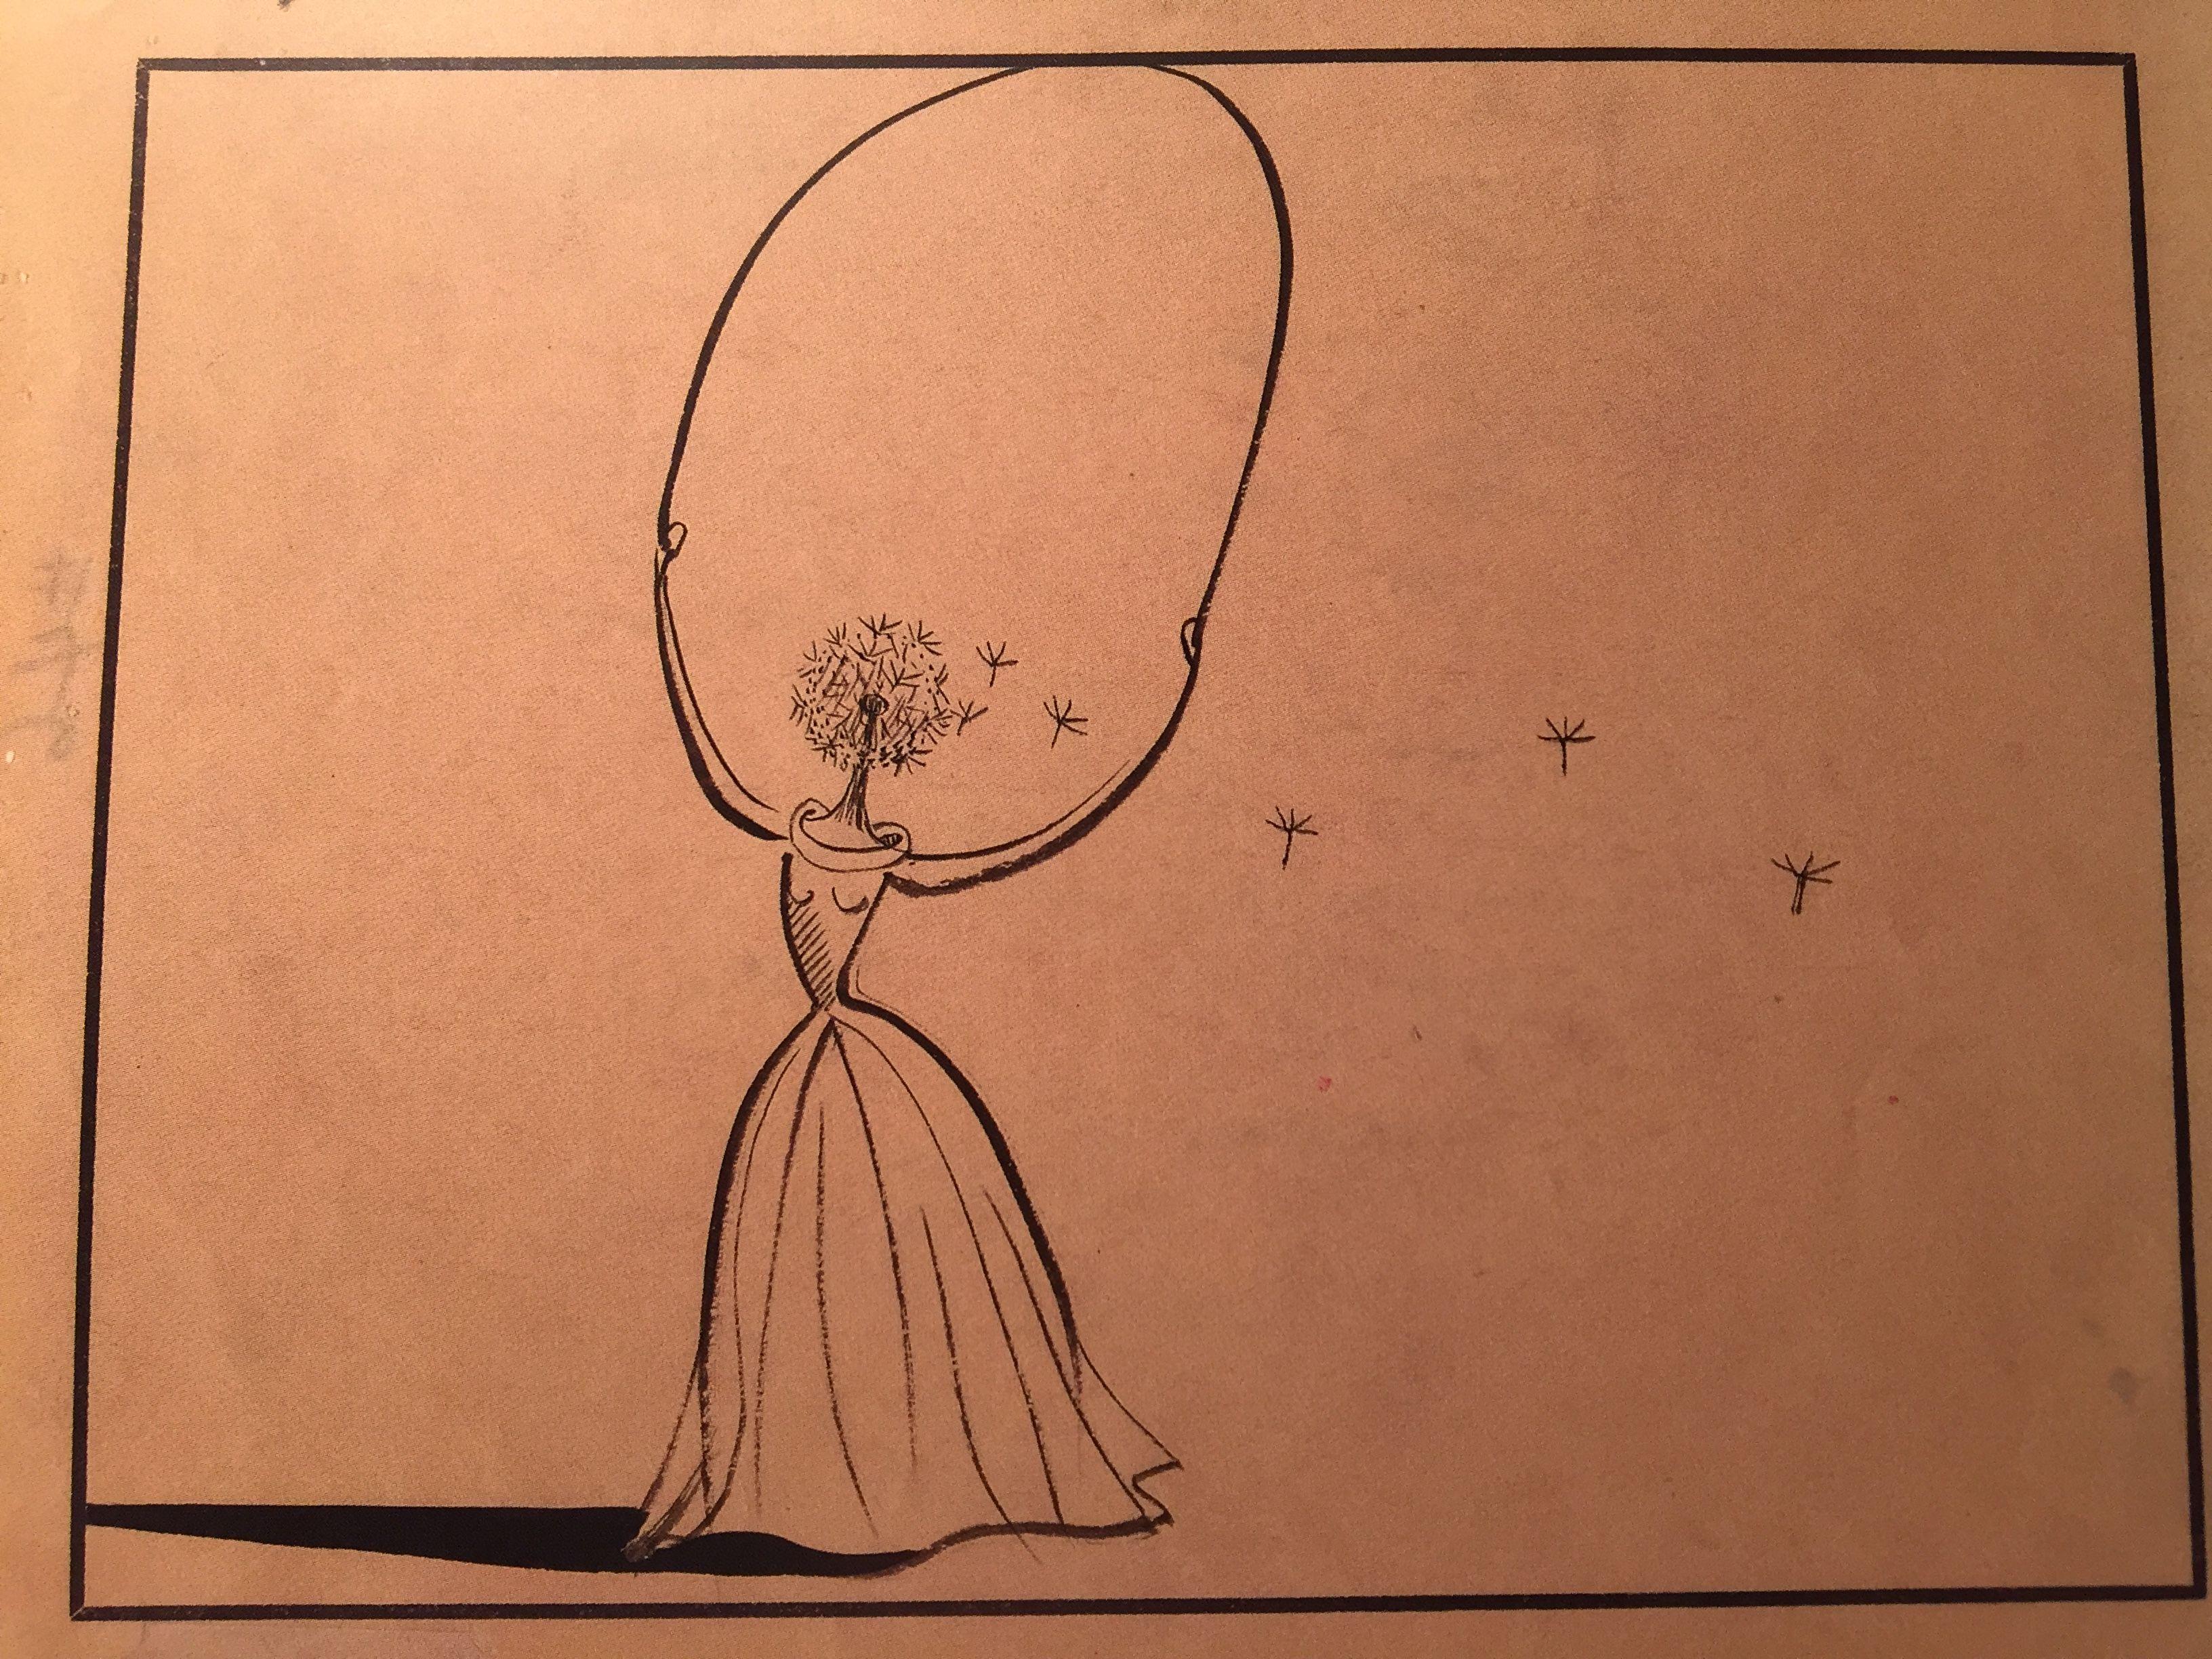 """Disegno per il film Destino, penna e inchiostro su carta, 20x22 cm Gennaio 2011 SALVADOR DALI' Palazzo Reale MI  """"Il sogno si avvina"""""""